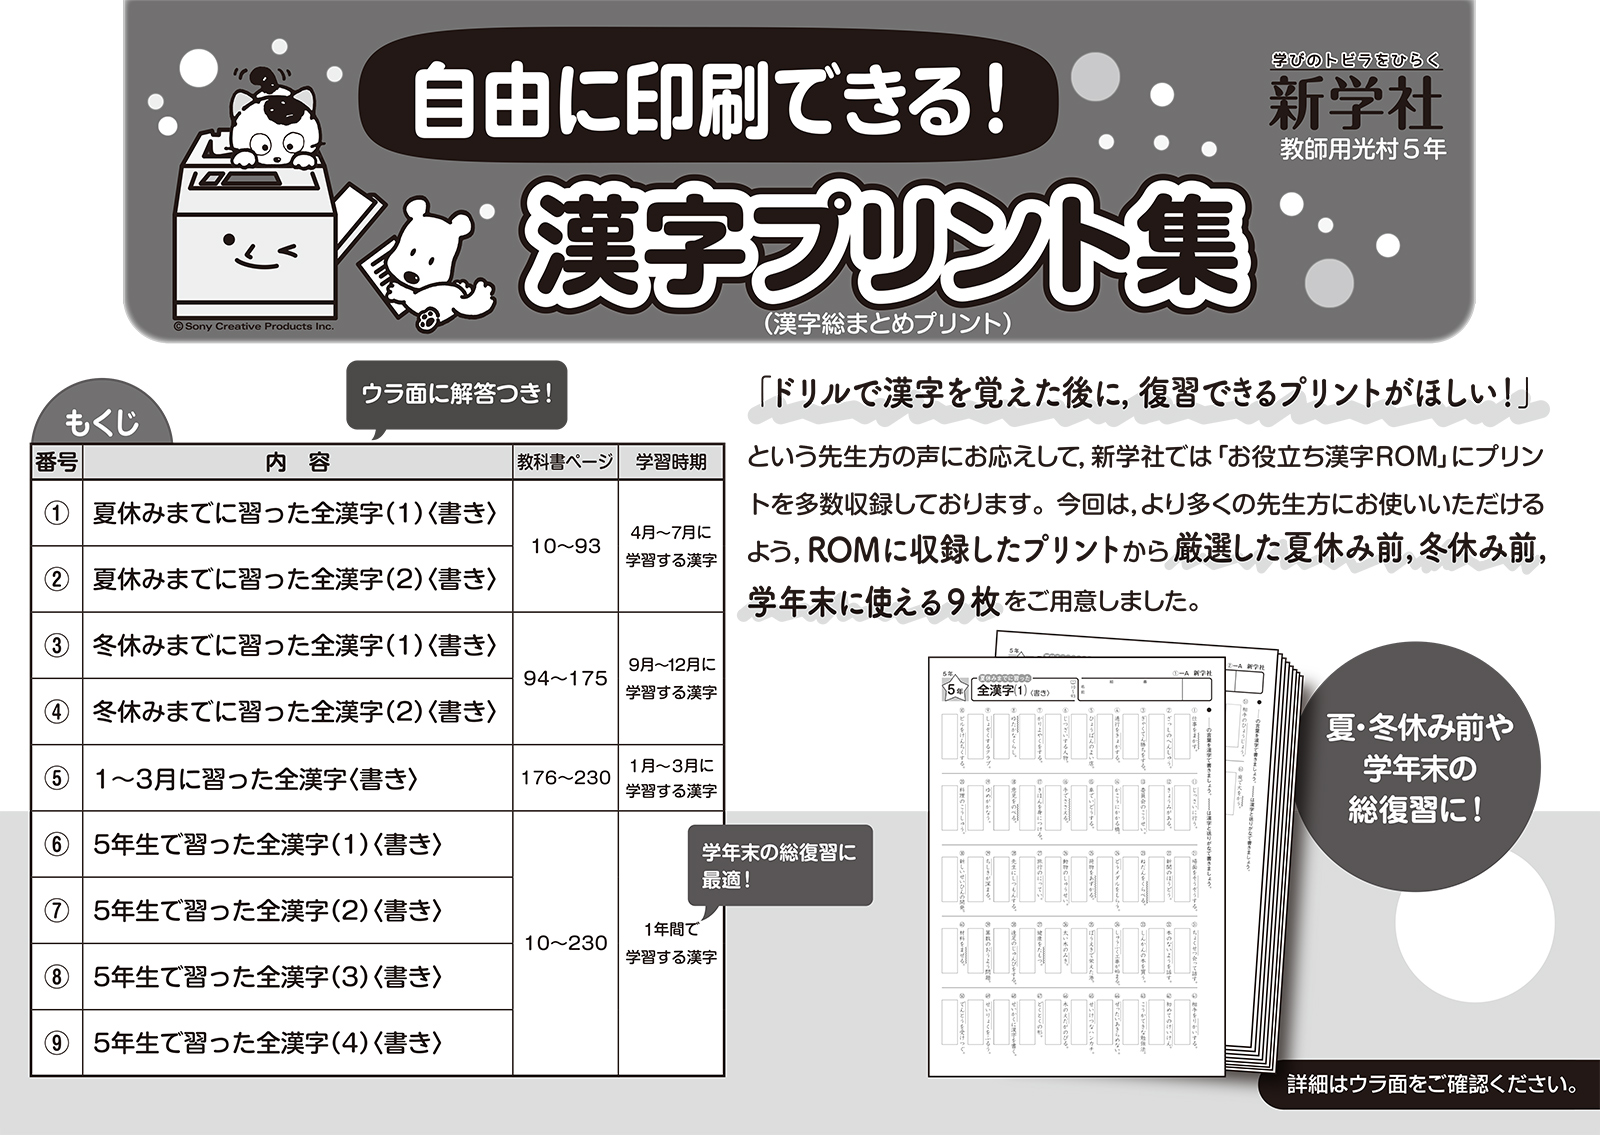 スモールステップで漢字を練習できるまんてんスキル漢字